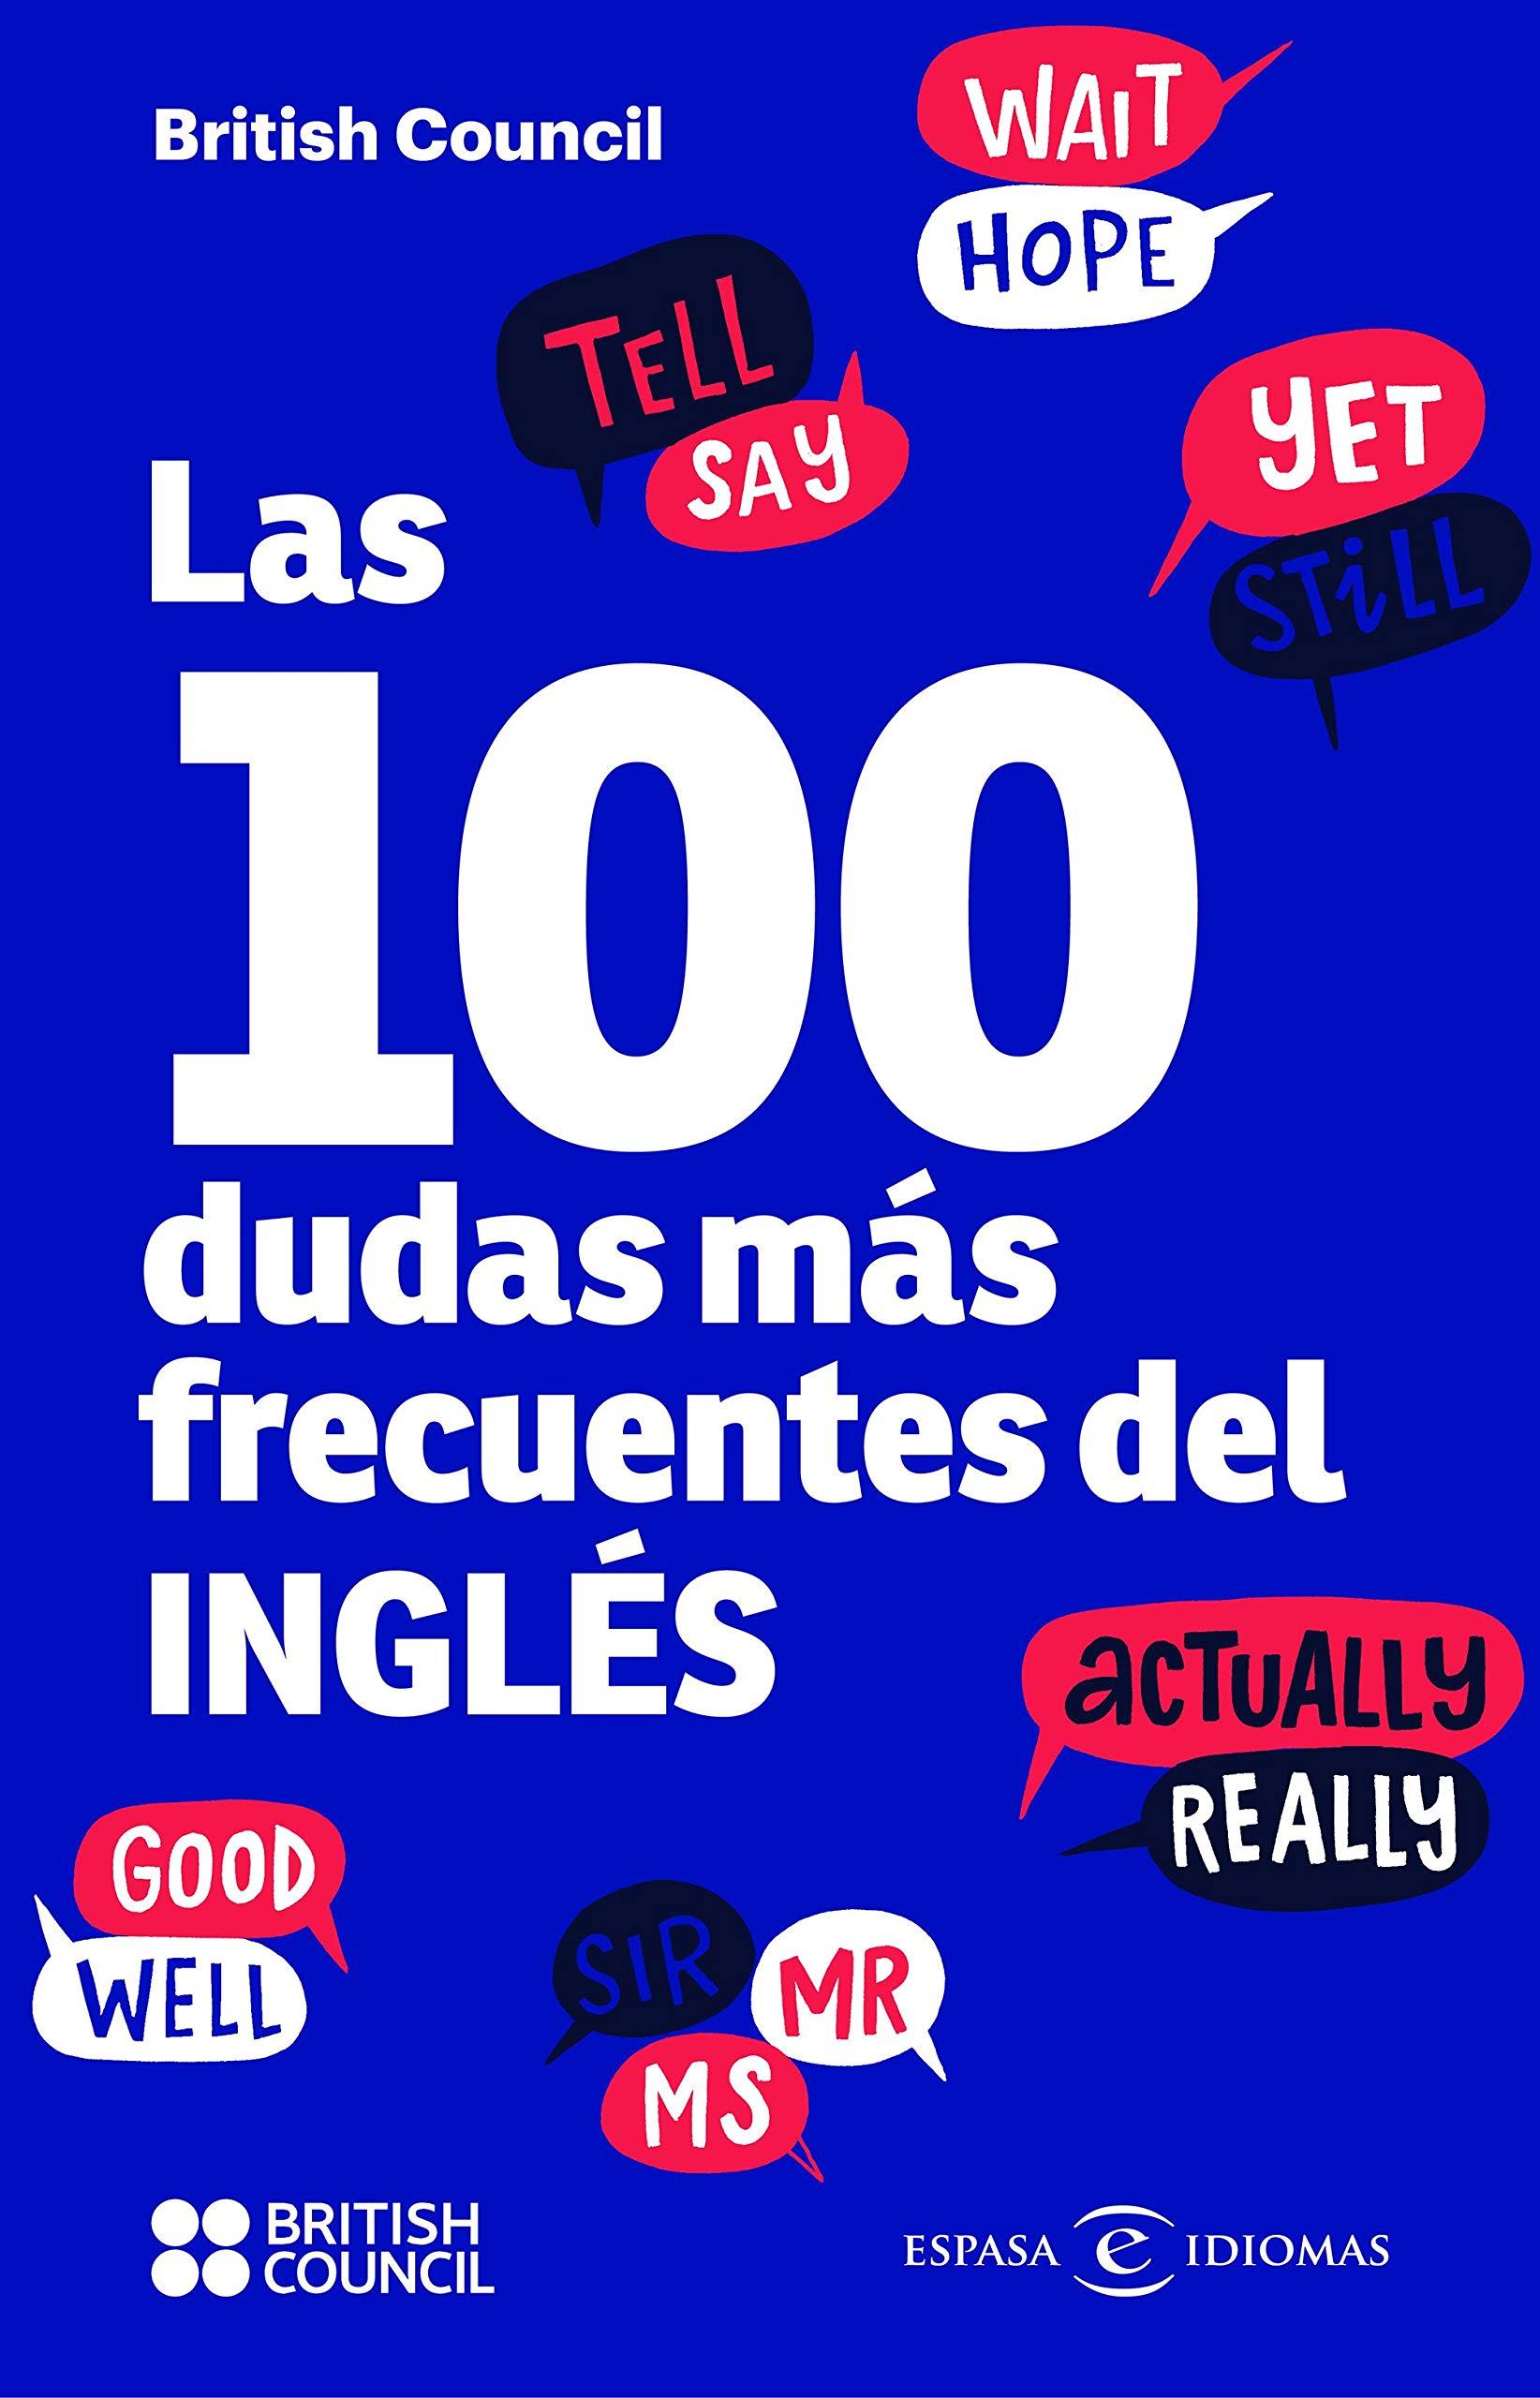 Las 100 dudas más frecuentes del inglés (IDIOMAS) por British Council